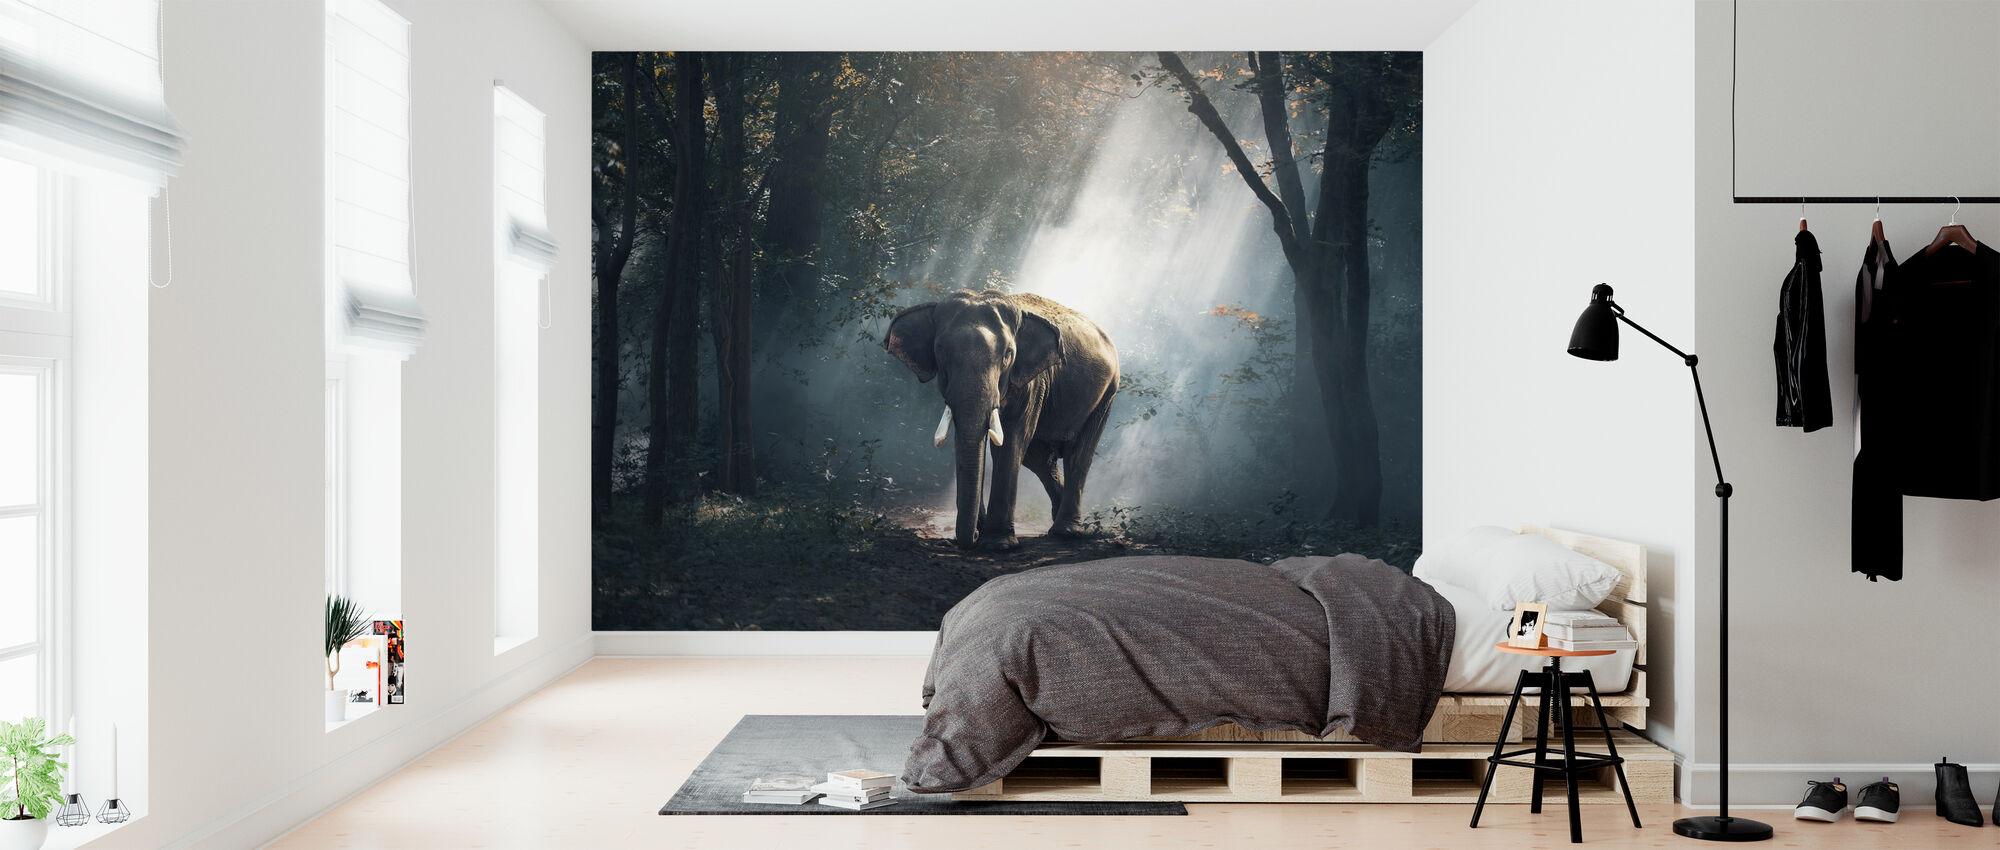 Elephant in the Woods - Wallpaper - Bedroom